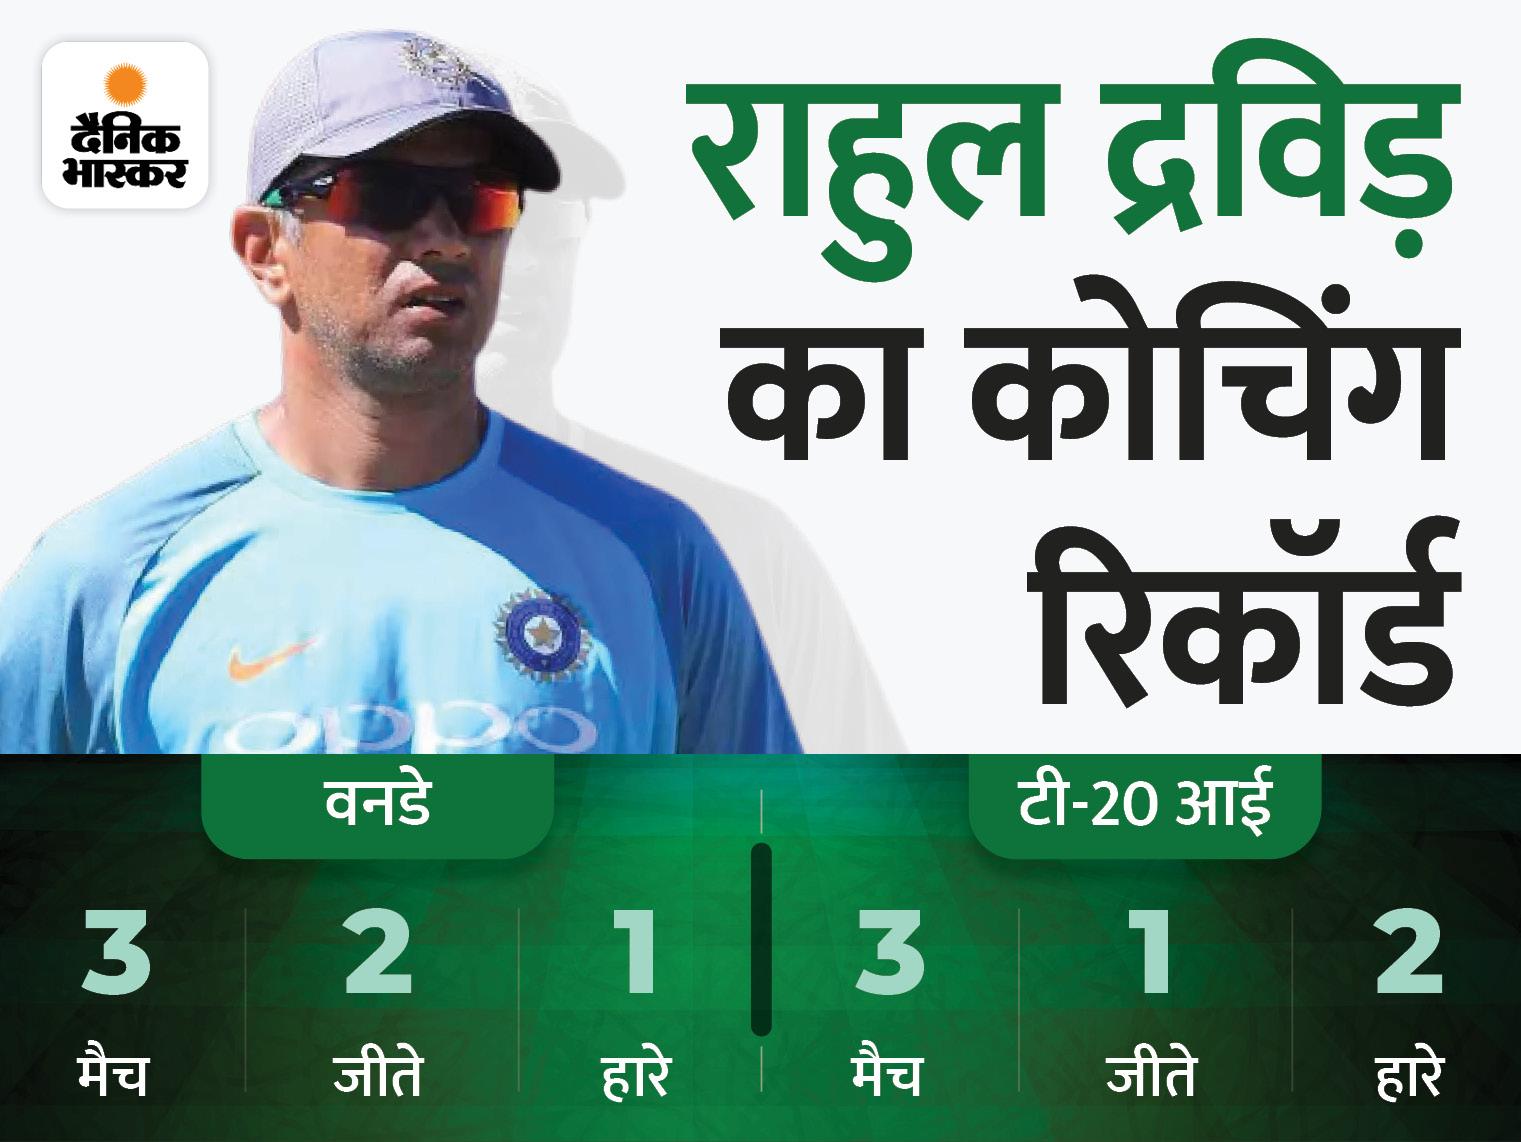 राहुल द्रविड़ टी20 वर्ल्ड कप के बाद से 2023 के वर्ल्ड कप तक रहेंगे कोच|स्पोर्ट्स,Sports - Dainik Bhaskar